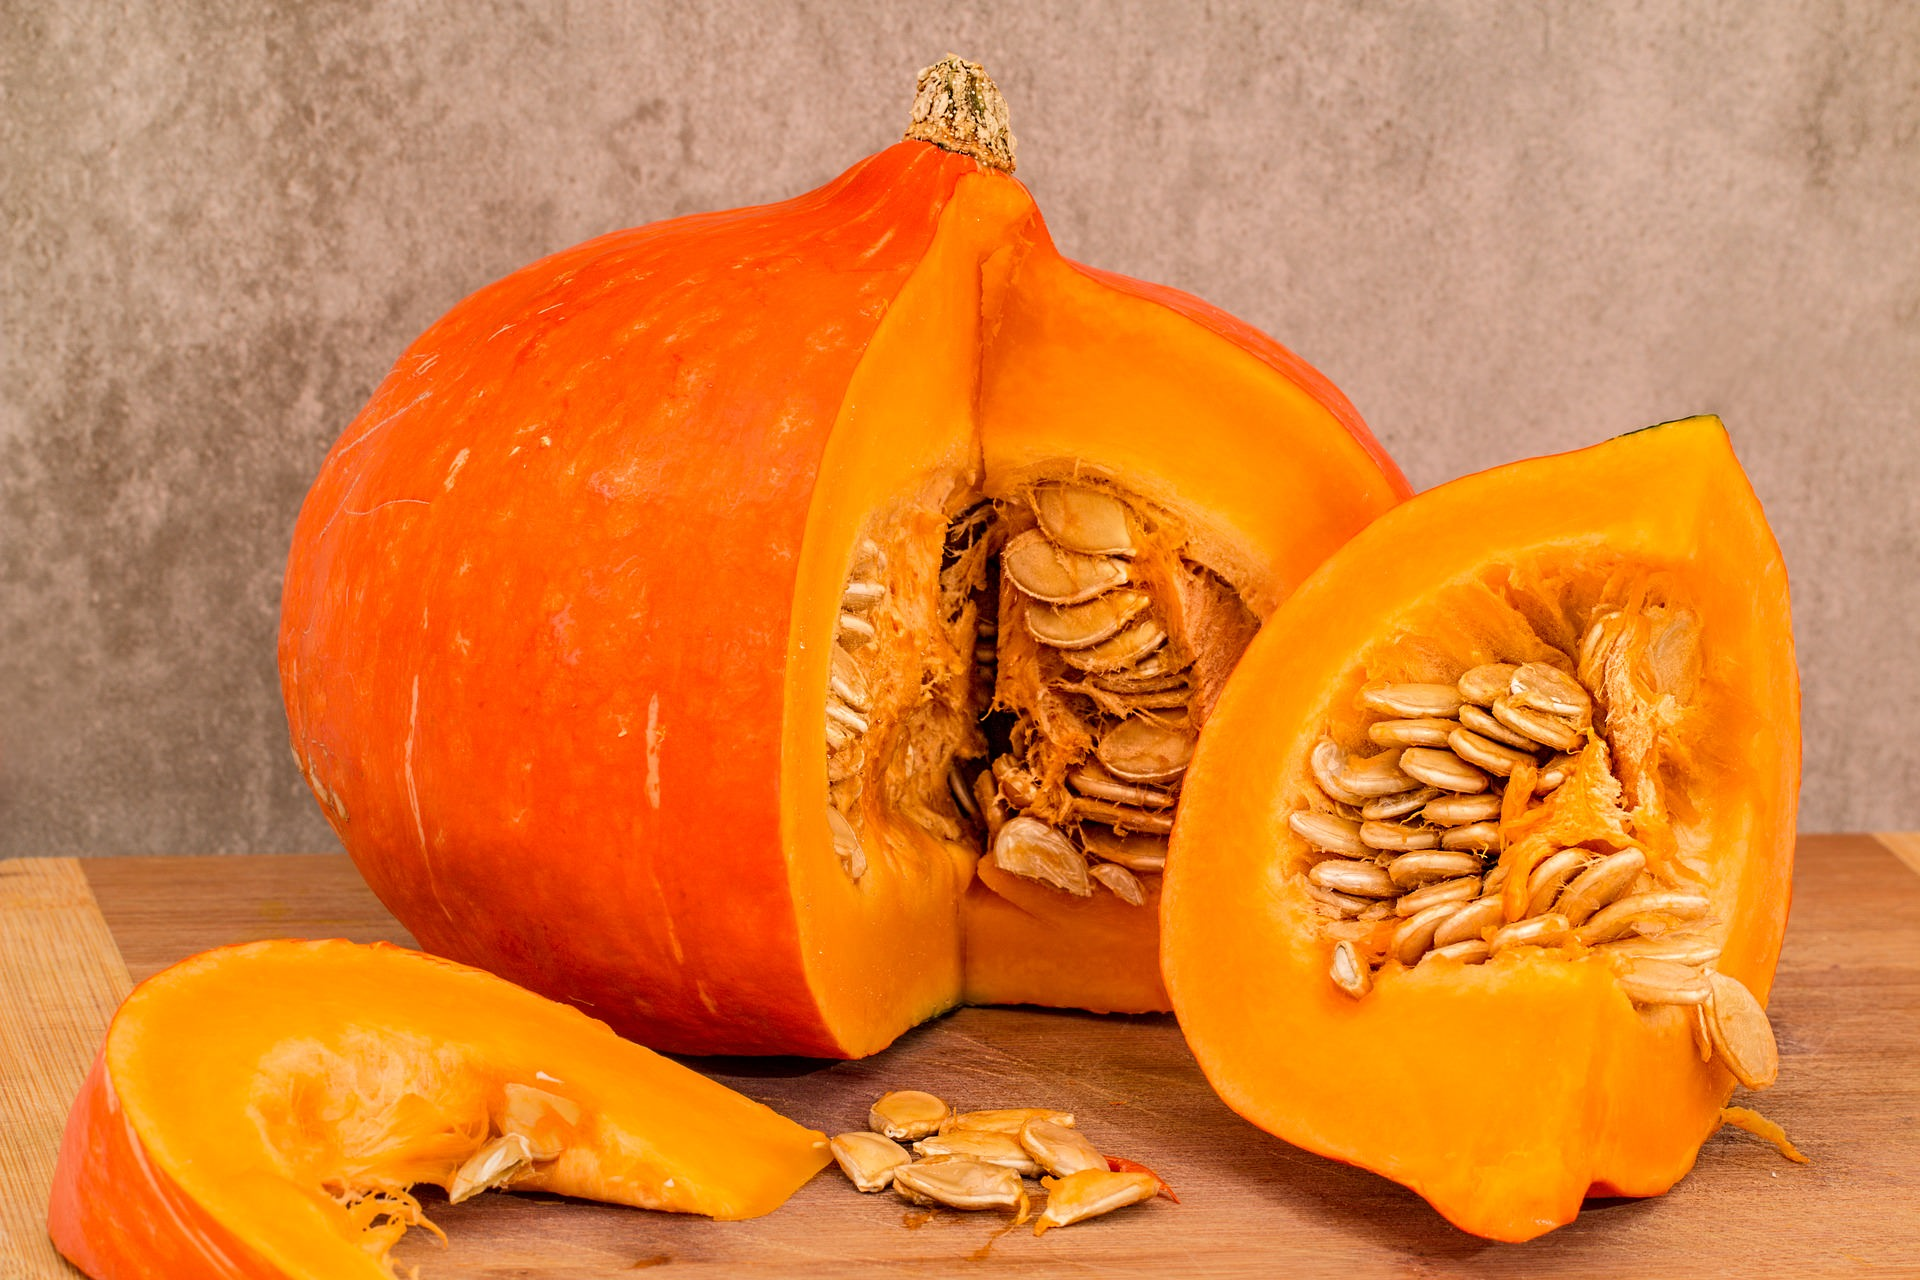 pumpkin-3360793_1920-1.jpg